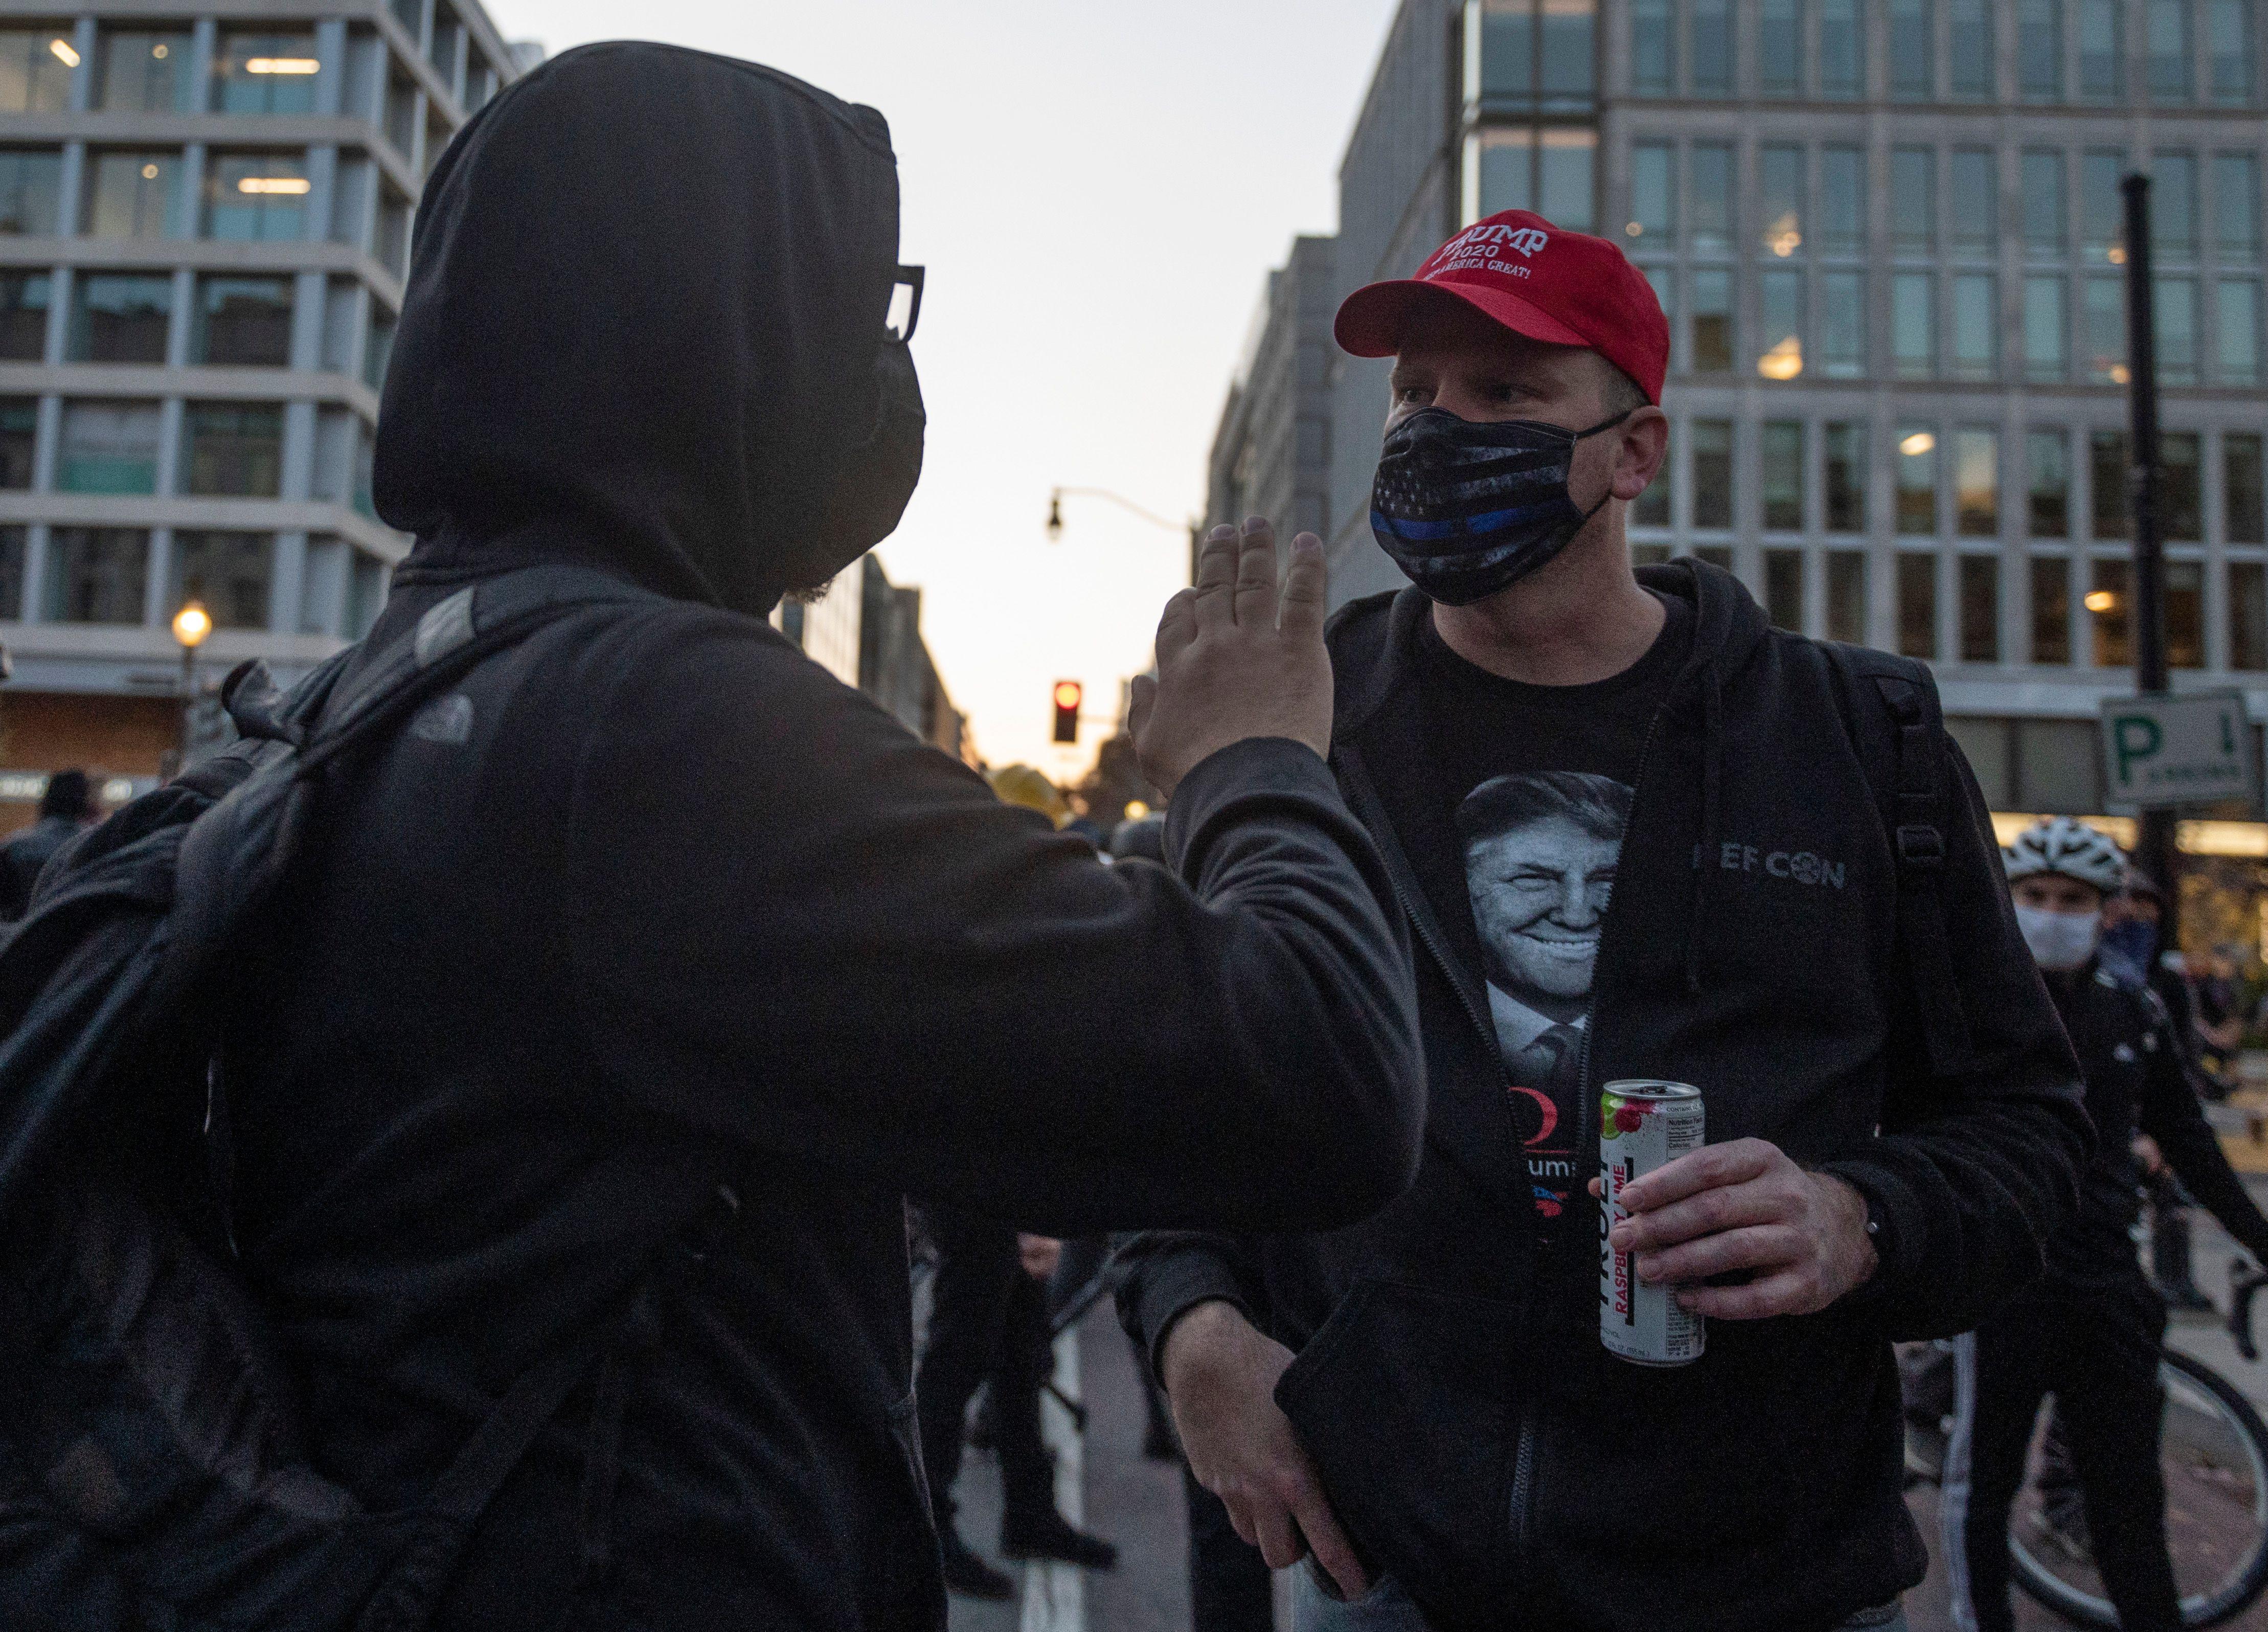 Un partisan pro-Trump se dispute avec un manifestant anti-Trump à Black Lives Matter Plaza à Washington, DC